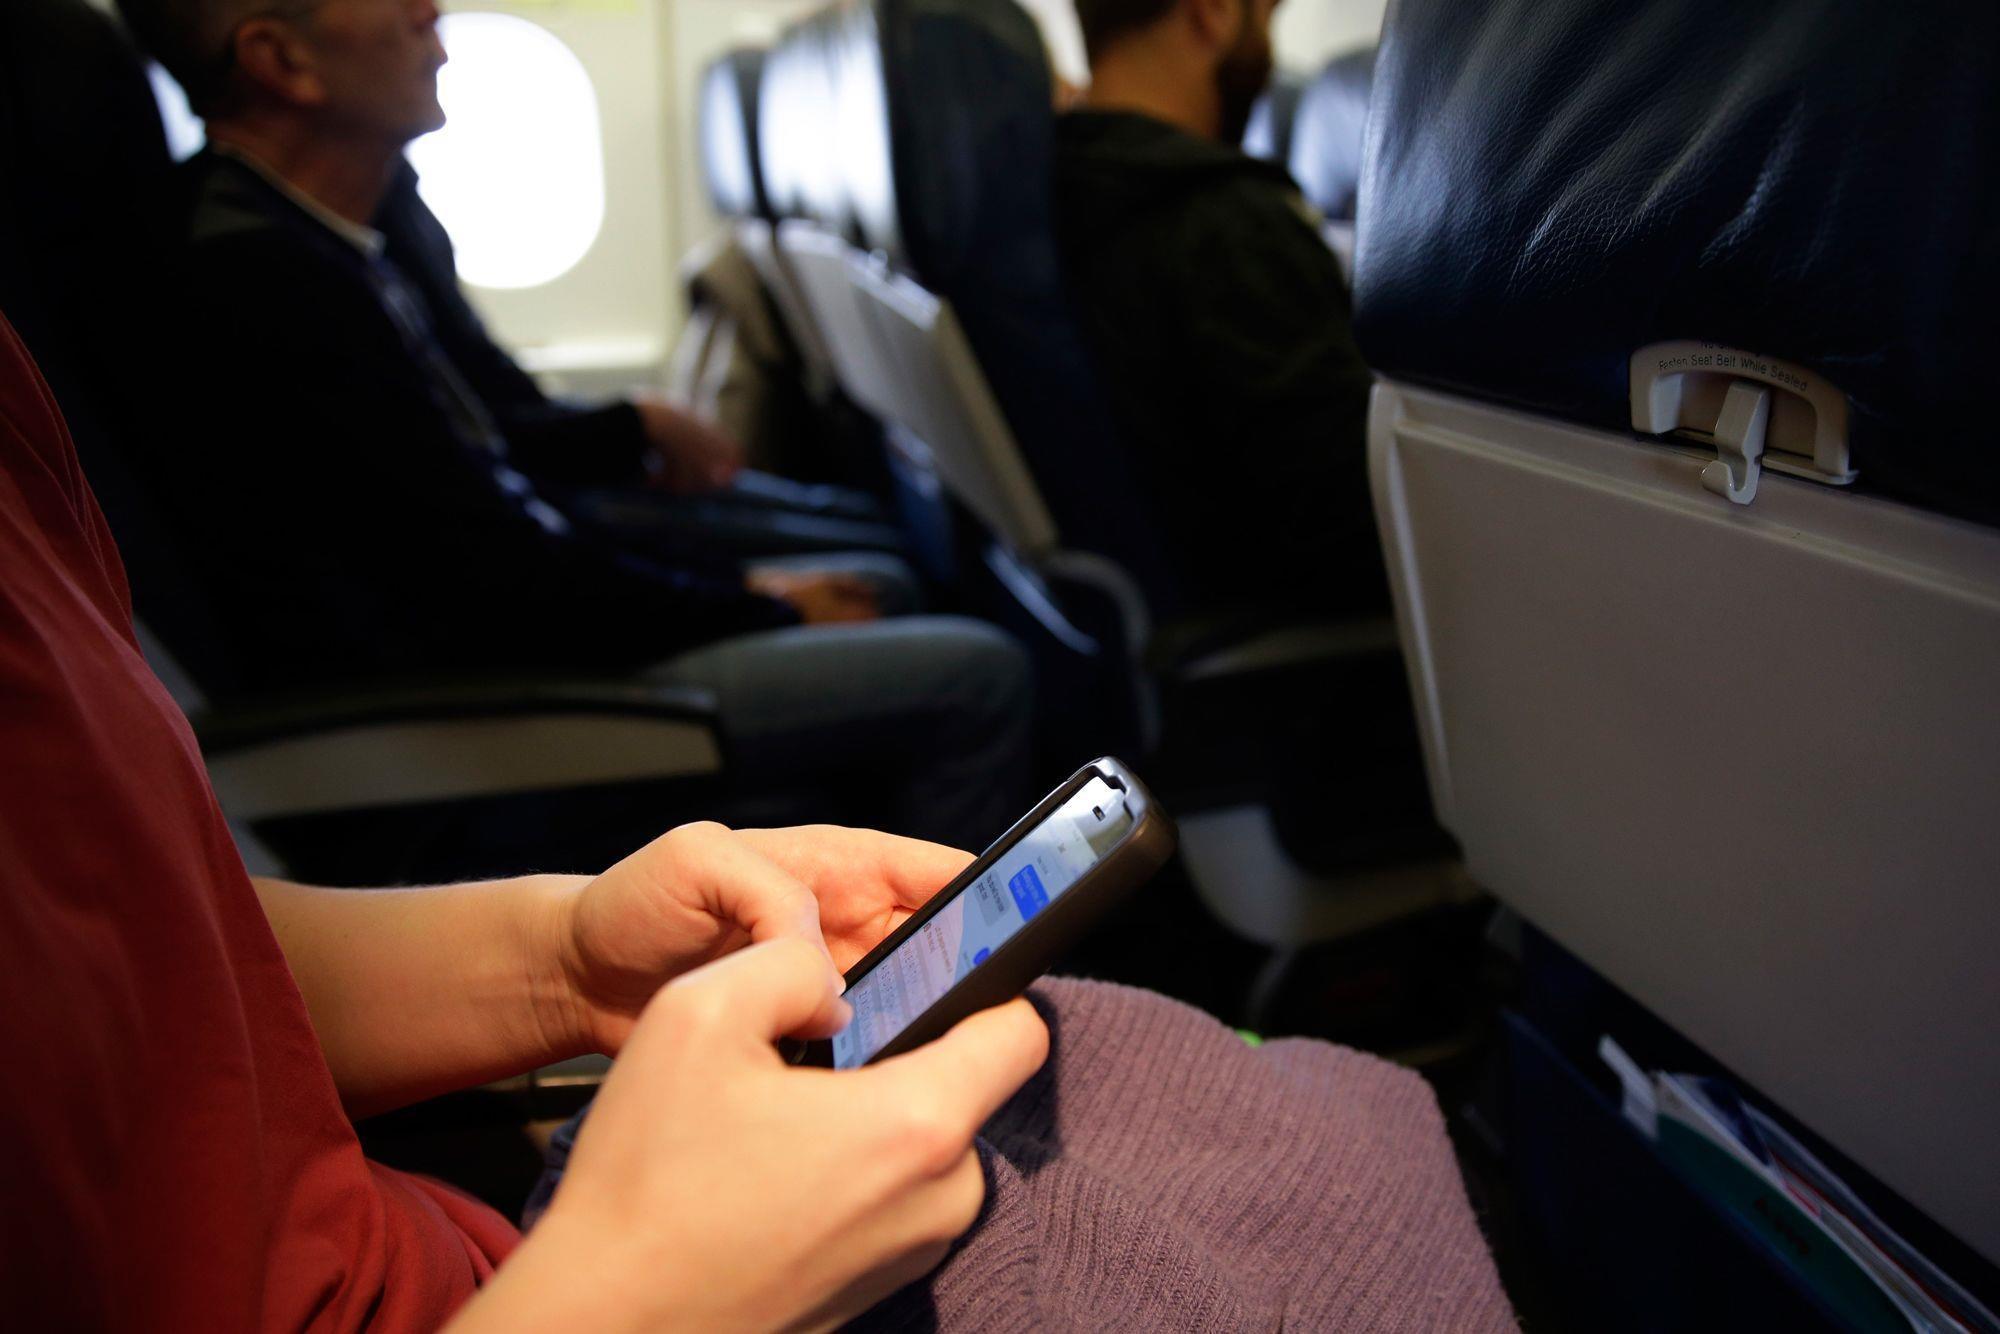 Đồ điện tử nào được mang lên máy bay?